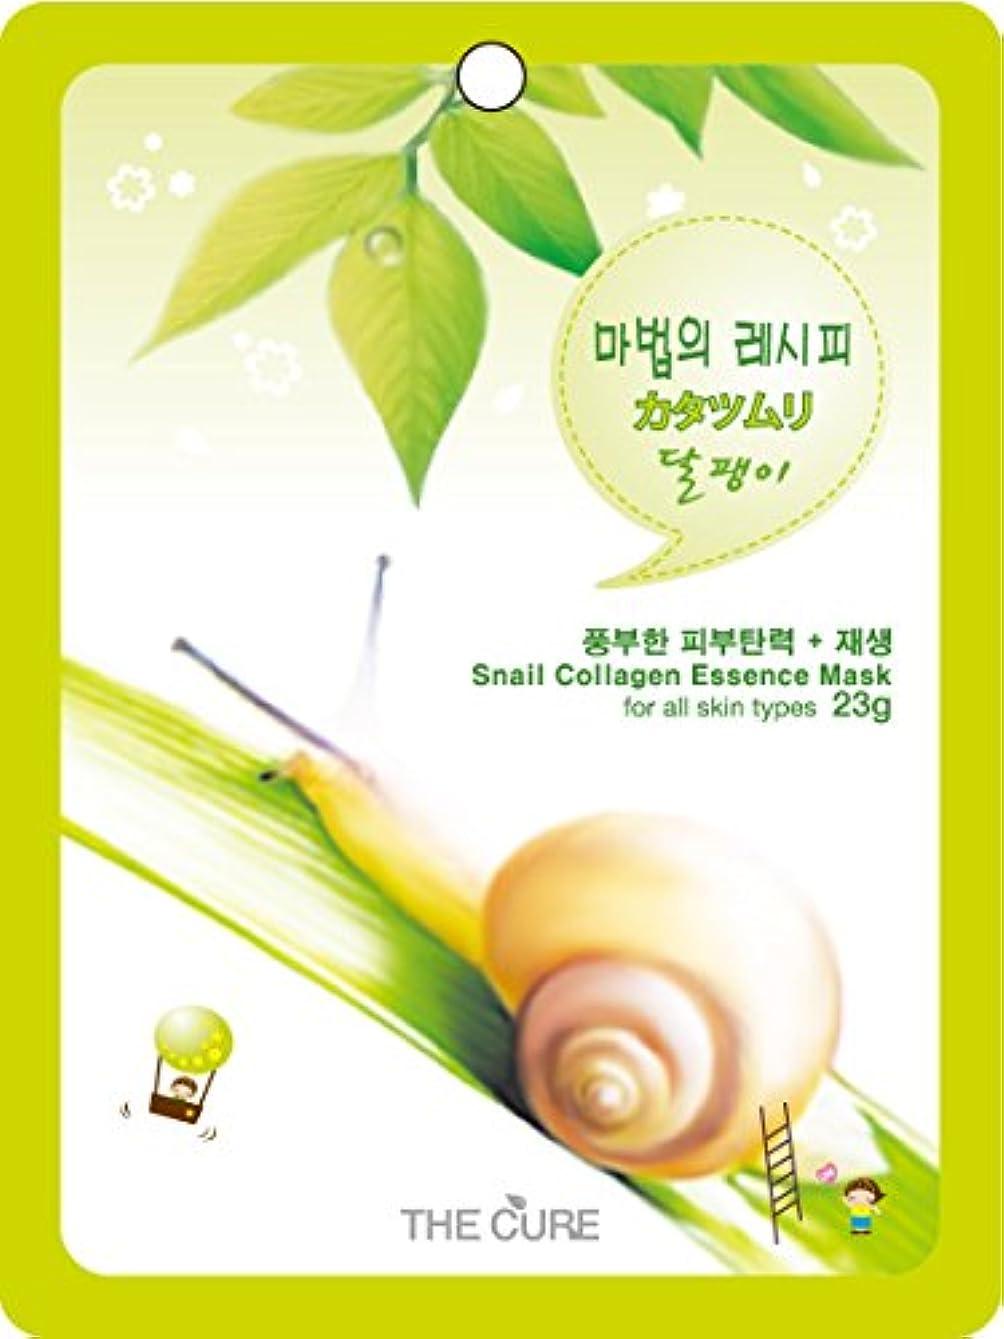 完璧な飲み込むの量カタツムリ コラーゲン エッセンス マスク THE CURE シート パック 100枚セット 韓国 コスメ 乾燥肌 オイリー肌 混合肌